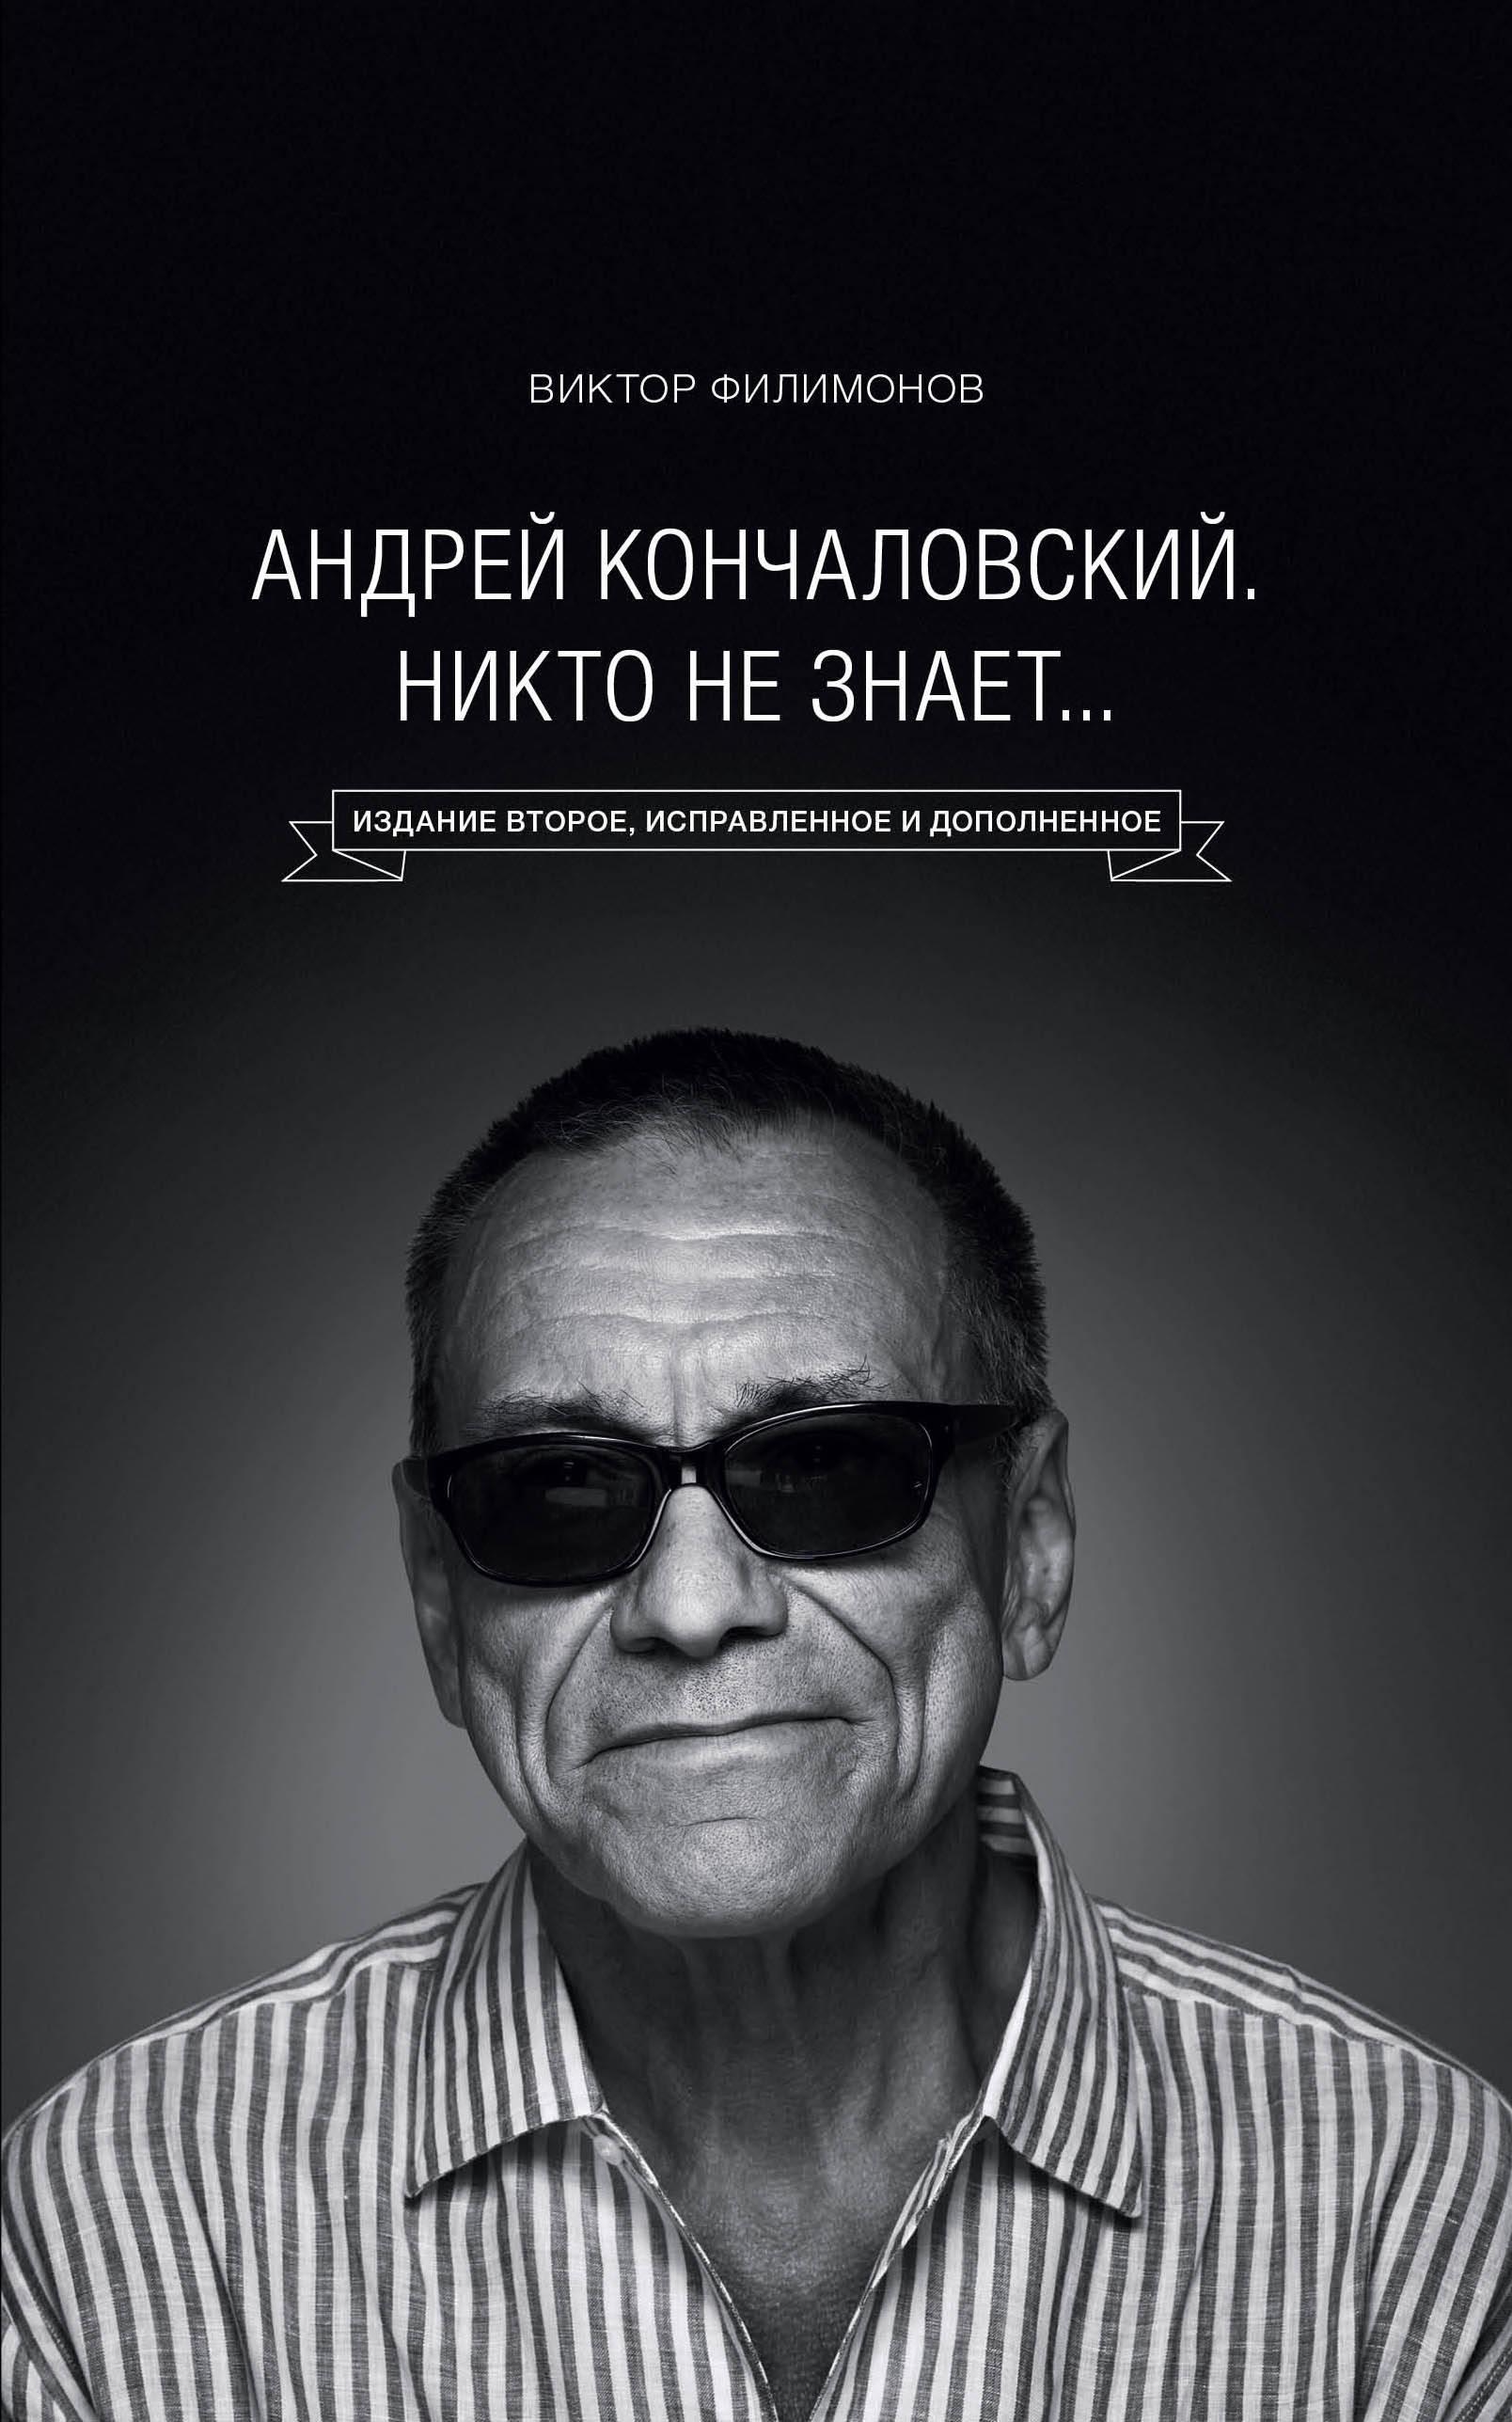 """Виктор Филимонов """"Андрей Кончаловский. Никто не знает..."""""""